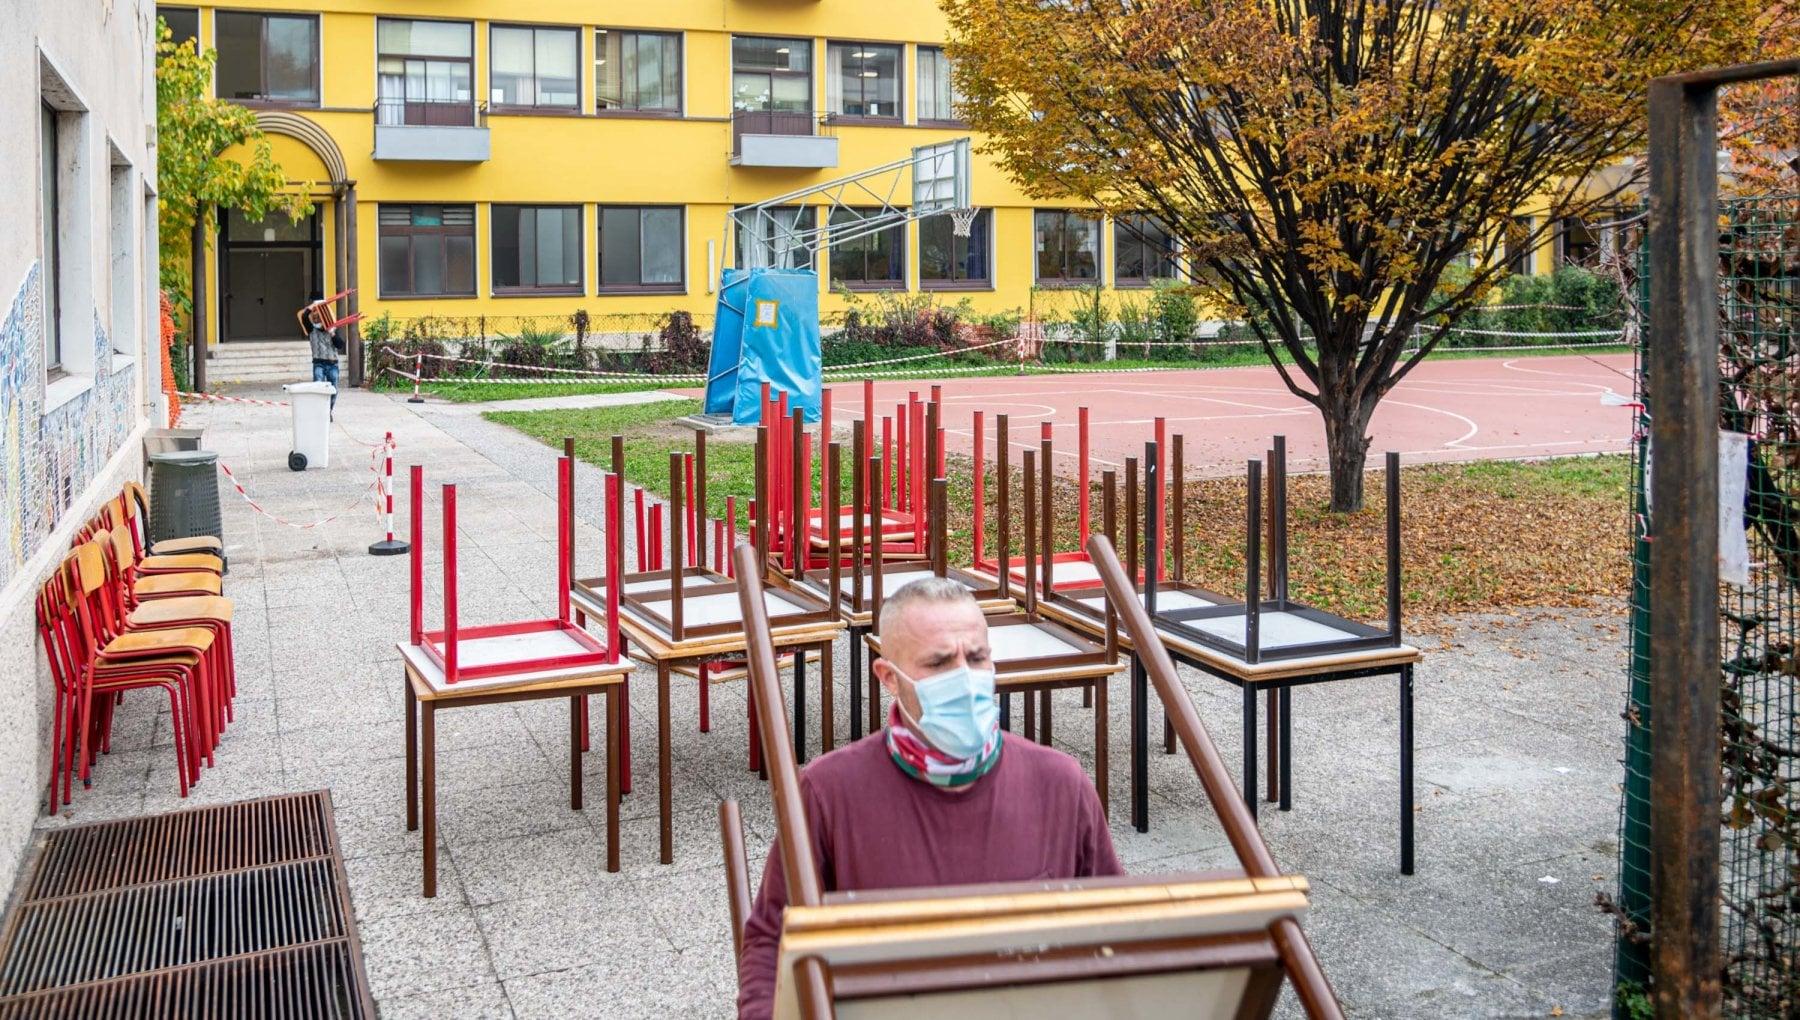 La rinascita dei banchi di scuola nella colonia estiva per i bambini